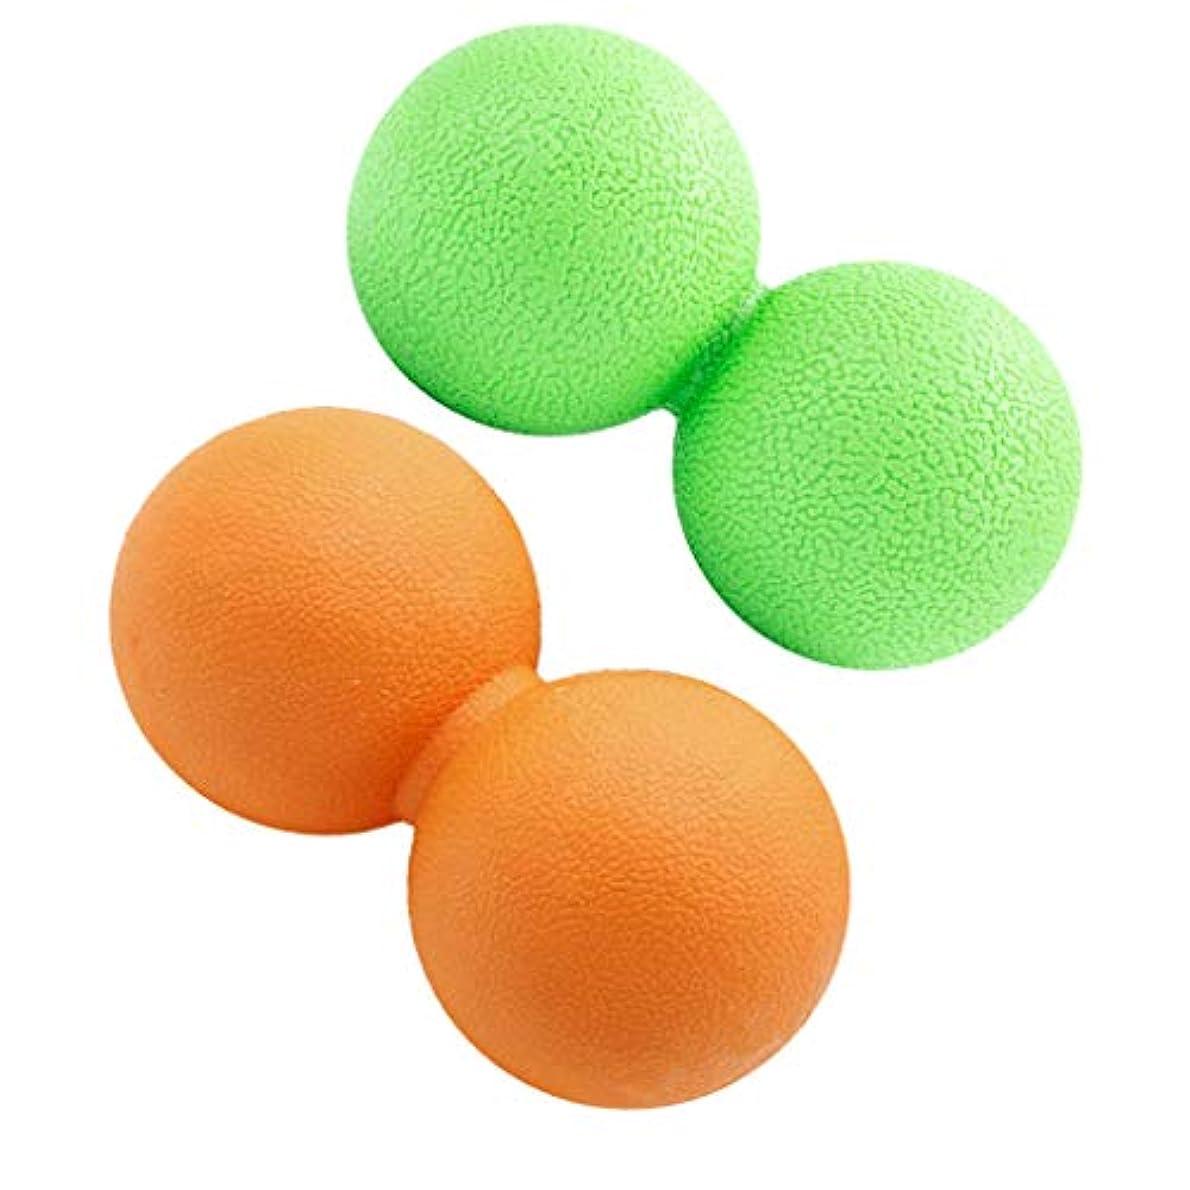 人工的な爵誤って2個 マッサージボール ピーナッツ型 筋膜リリース トリガーポイント リラックス 携带便利